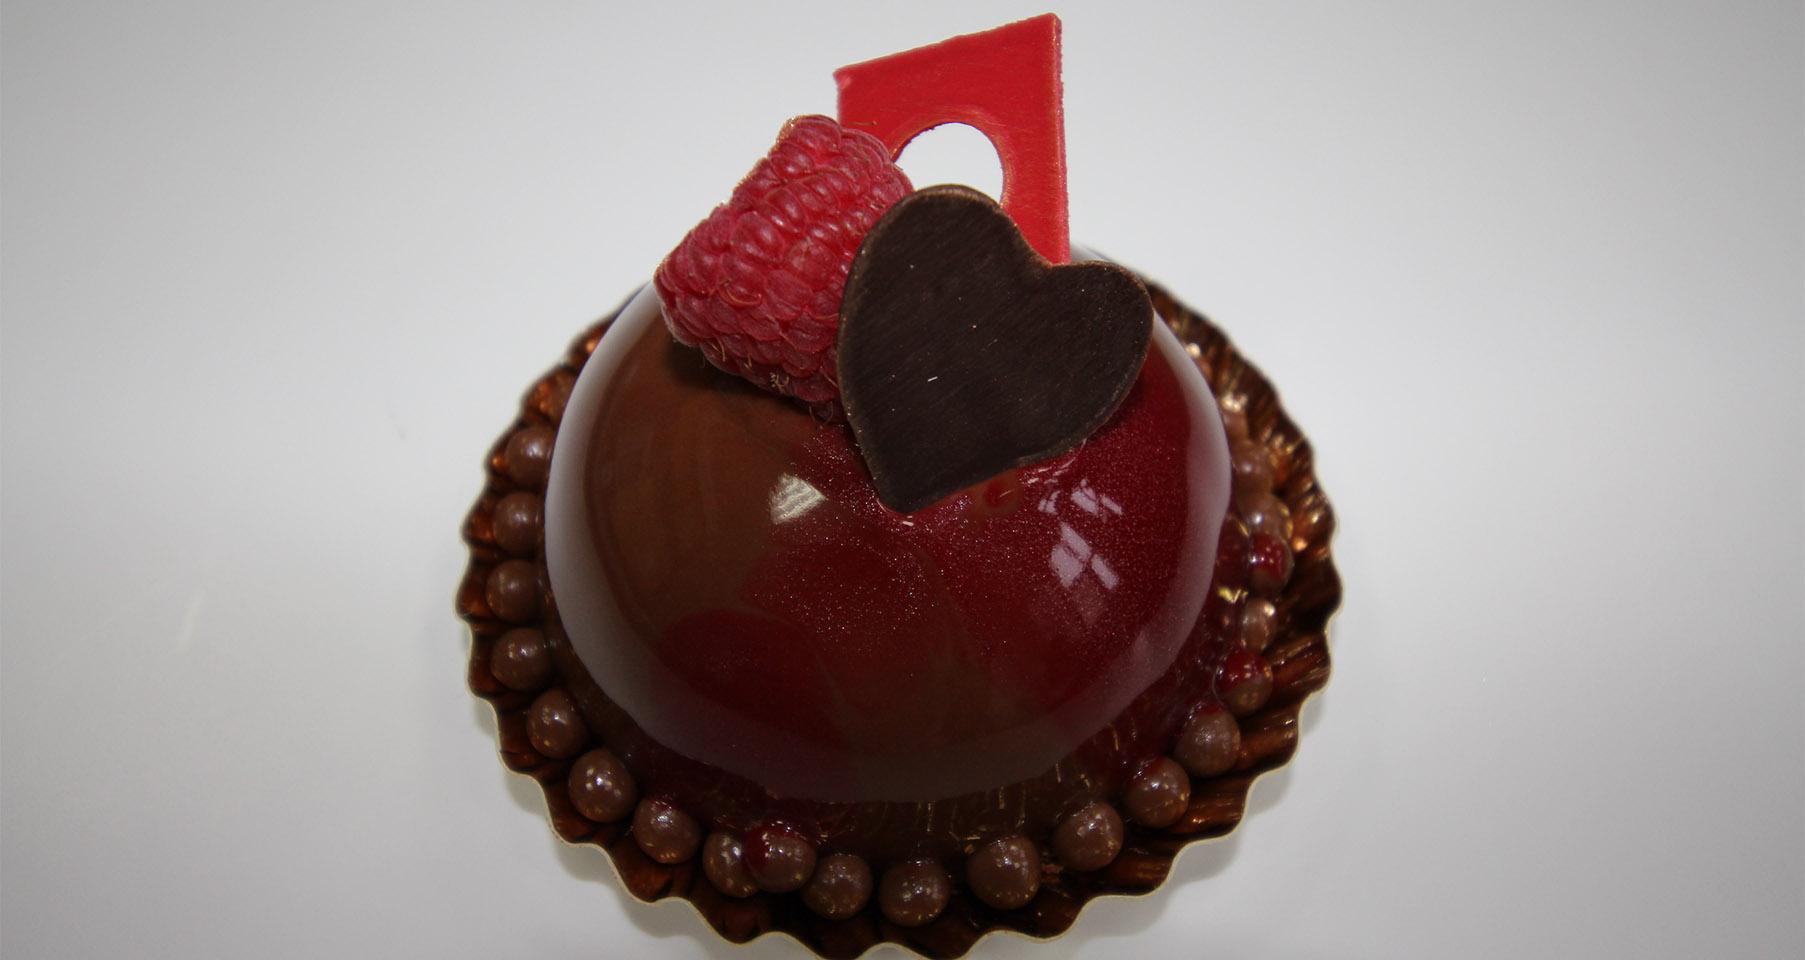 TENTATION, le gâteau de la Saint-Valentin de la Fédération des Pâtissiers Hauts-de-France